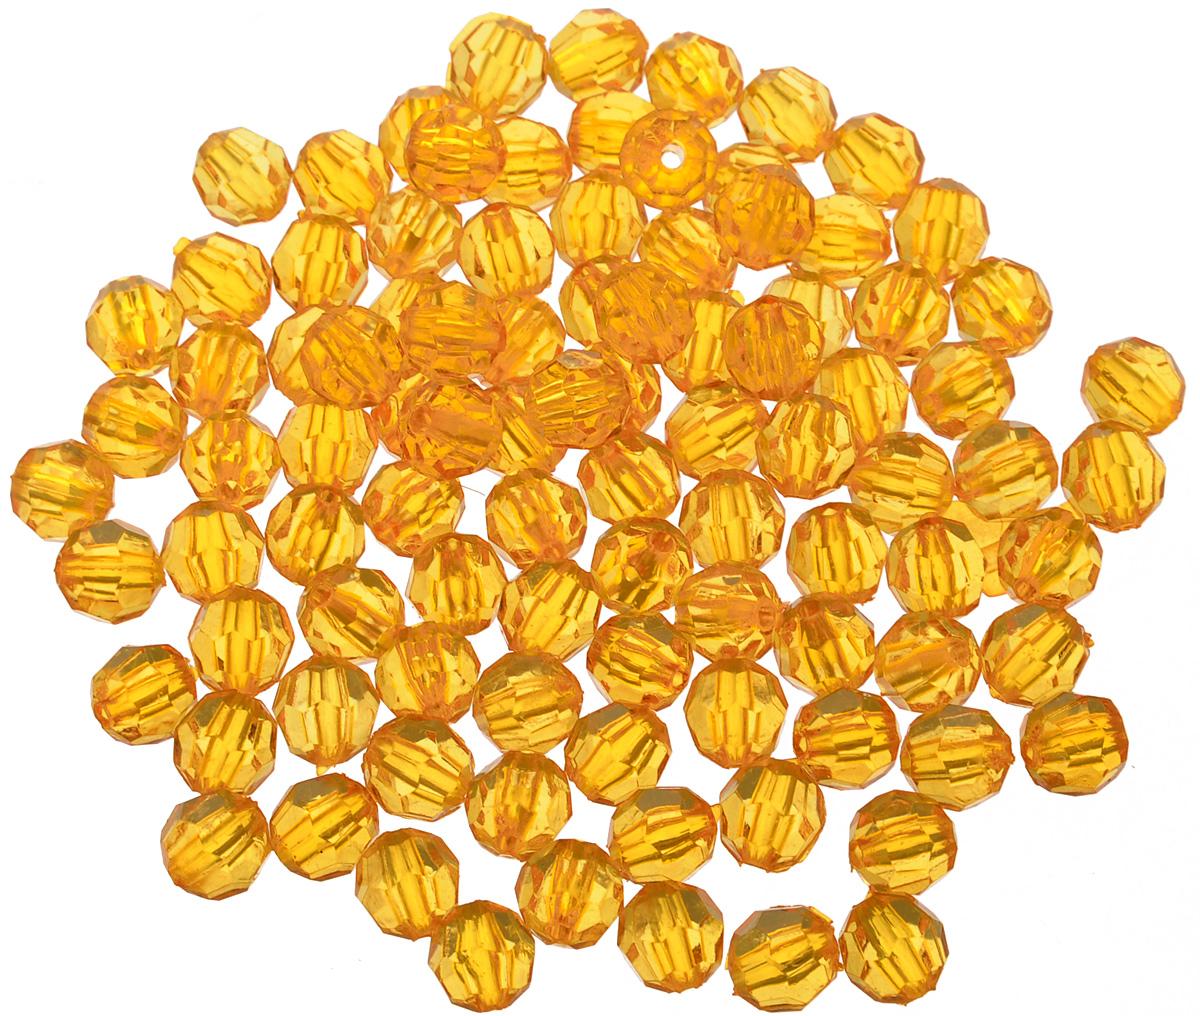 Бусины Астра, цвет: светло-оранжевый (49), диаметр 8 мм, 25 г. 684976684976_49Набор бусин Астра, изготовленный из акрила, позволит вам своими руками создать оригинальные ожерелья, бусы или браслеты. Круглые бусины оснащены рельефными, многогранными поверхностями. Изготовление украшений - занимательное хобби и реализация творческих способностей рукодельницы, это возможность создания неповторимого индивидуального подарка. Диаметр бусин: 8 мм.